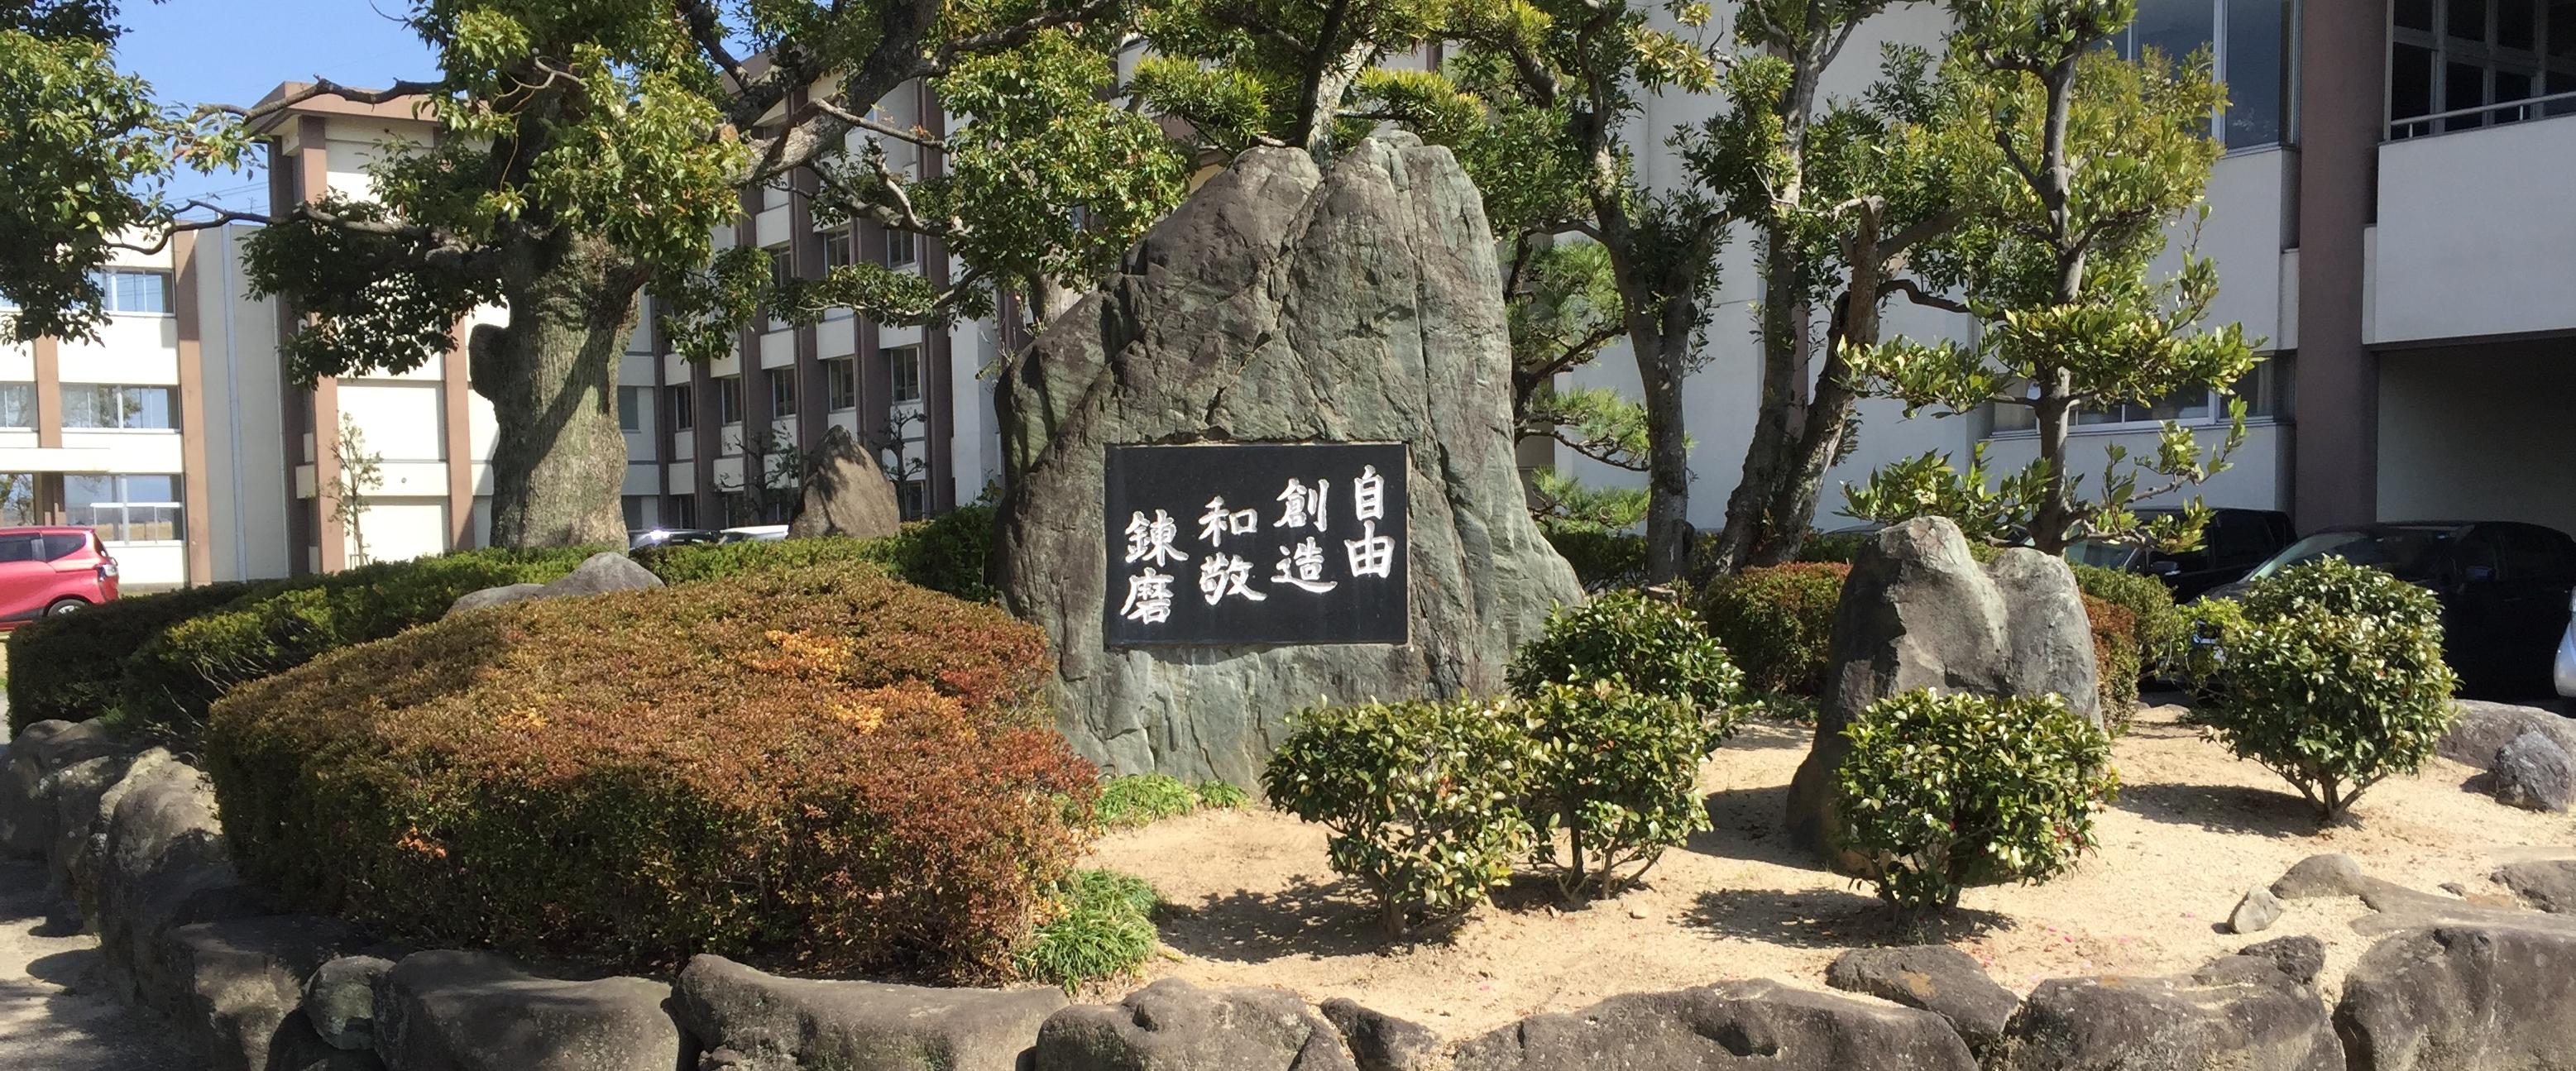 愛知県豊明市立沓掛中学校